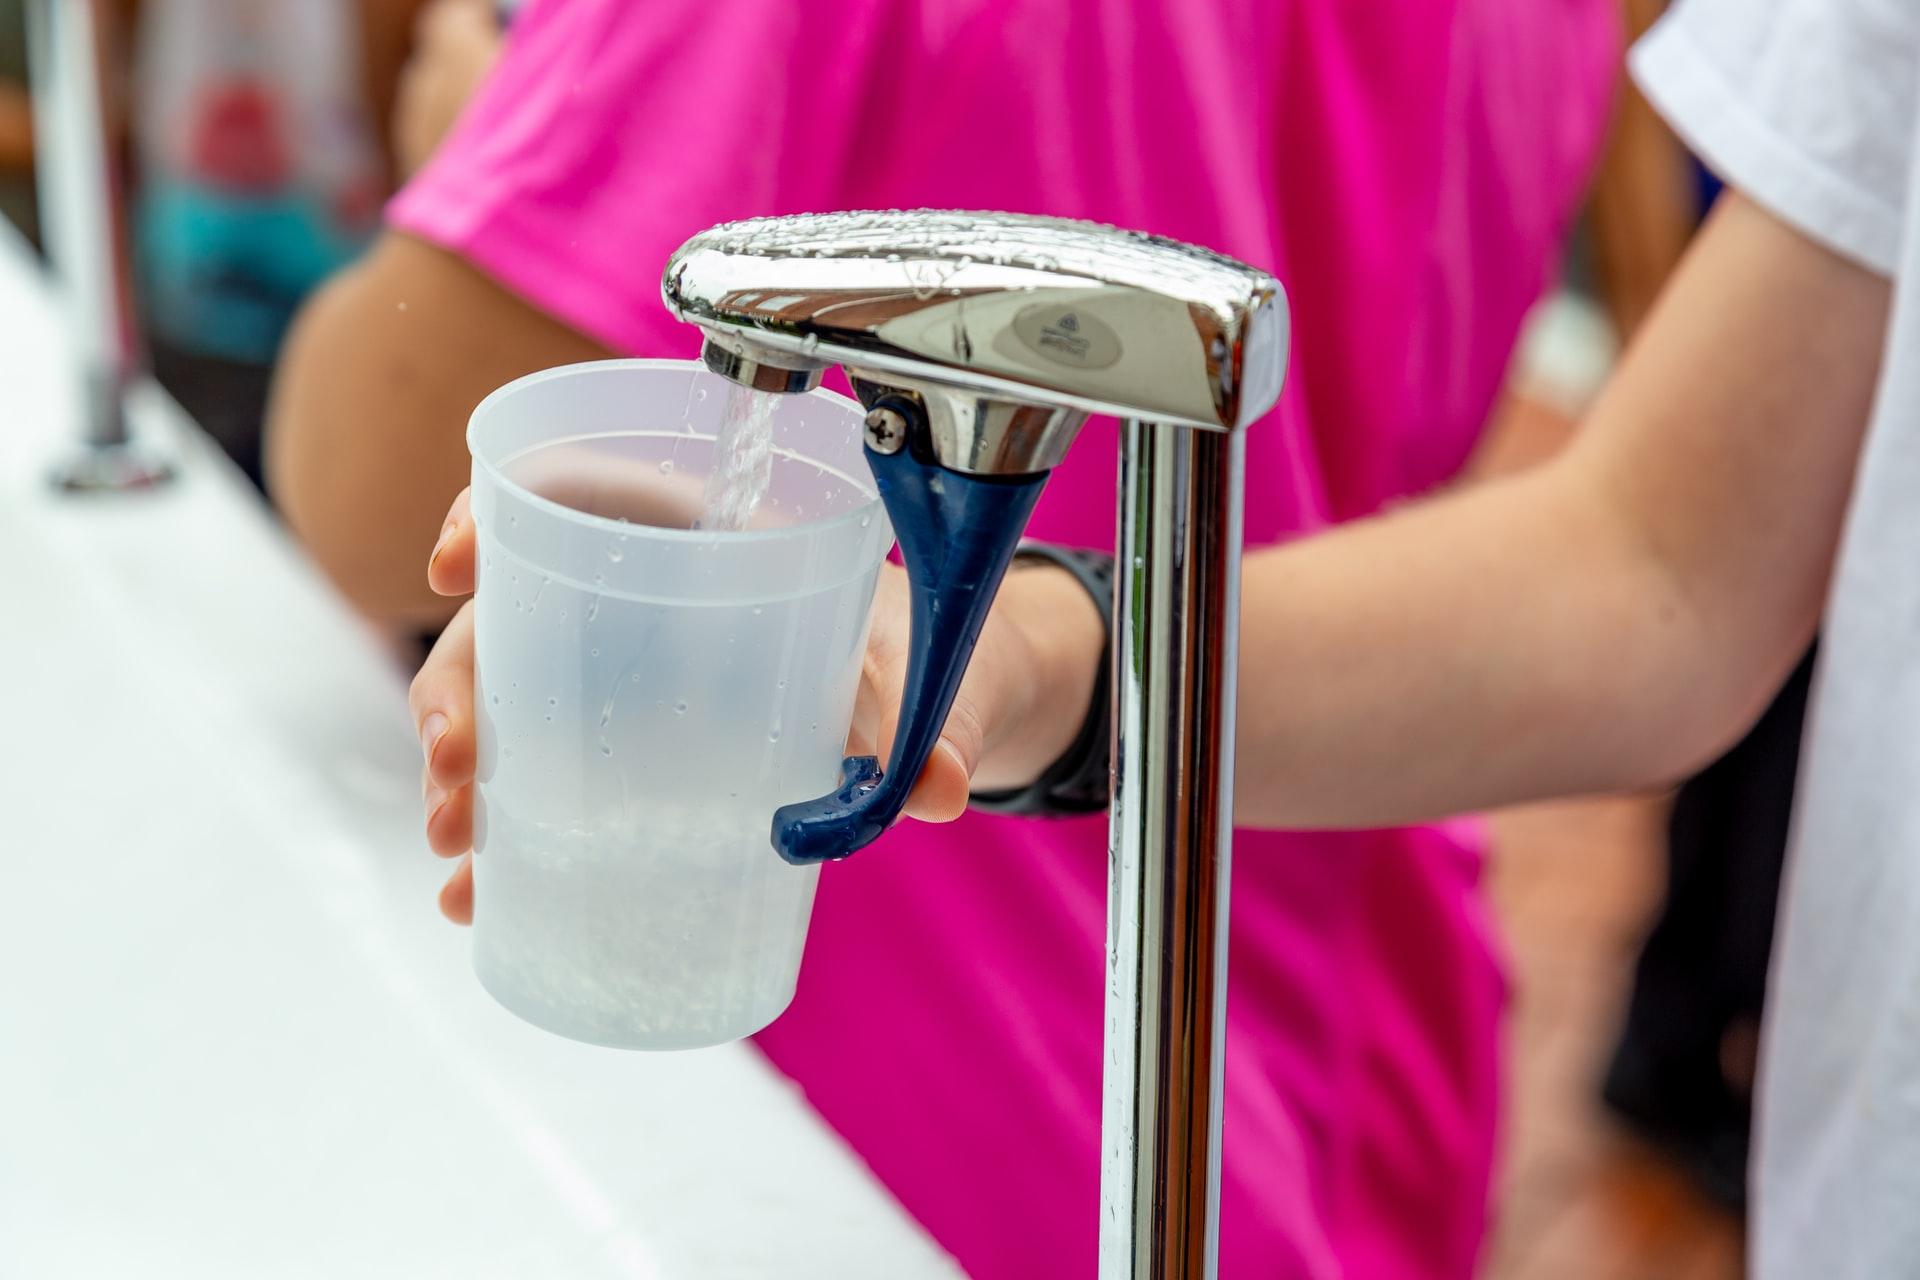 Come scegliere l'acqua da bere: breve guida